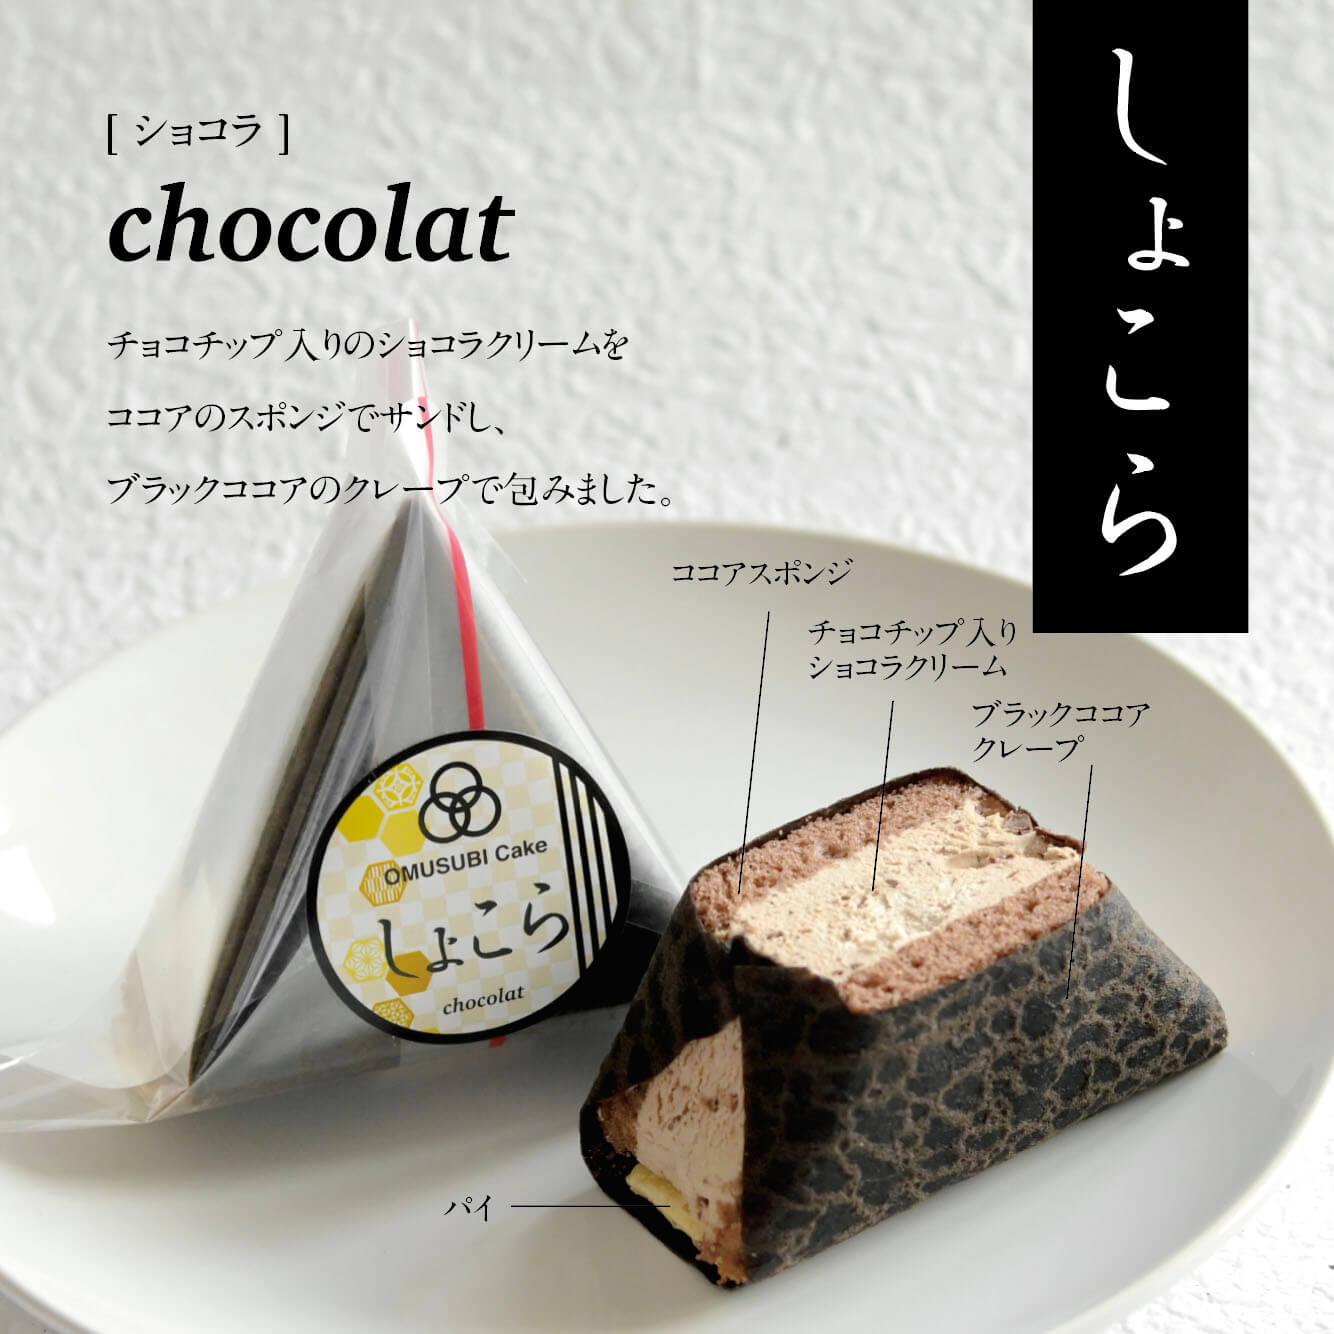 OSAKA OMUSUBI CakeのChocolat/¥450(税込み)